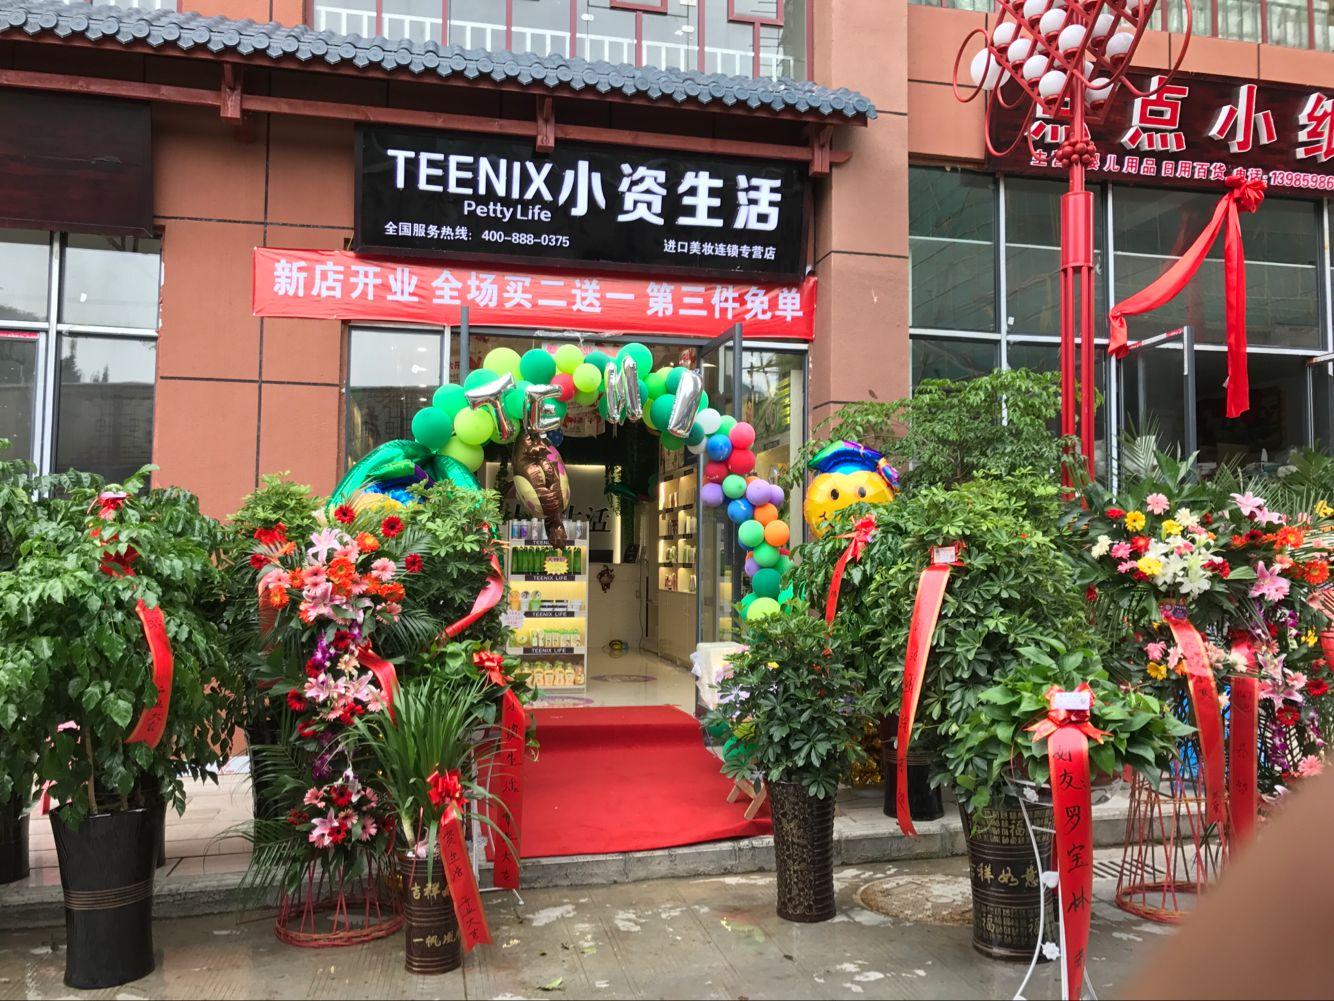 小资生活喜讯,热烈祝贺贵州安龙店隆重开业!